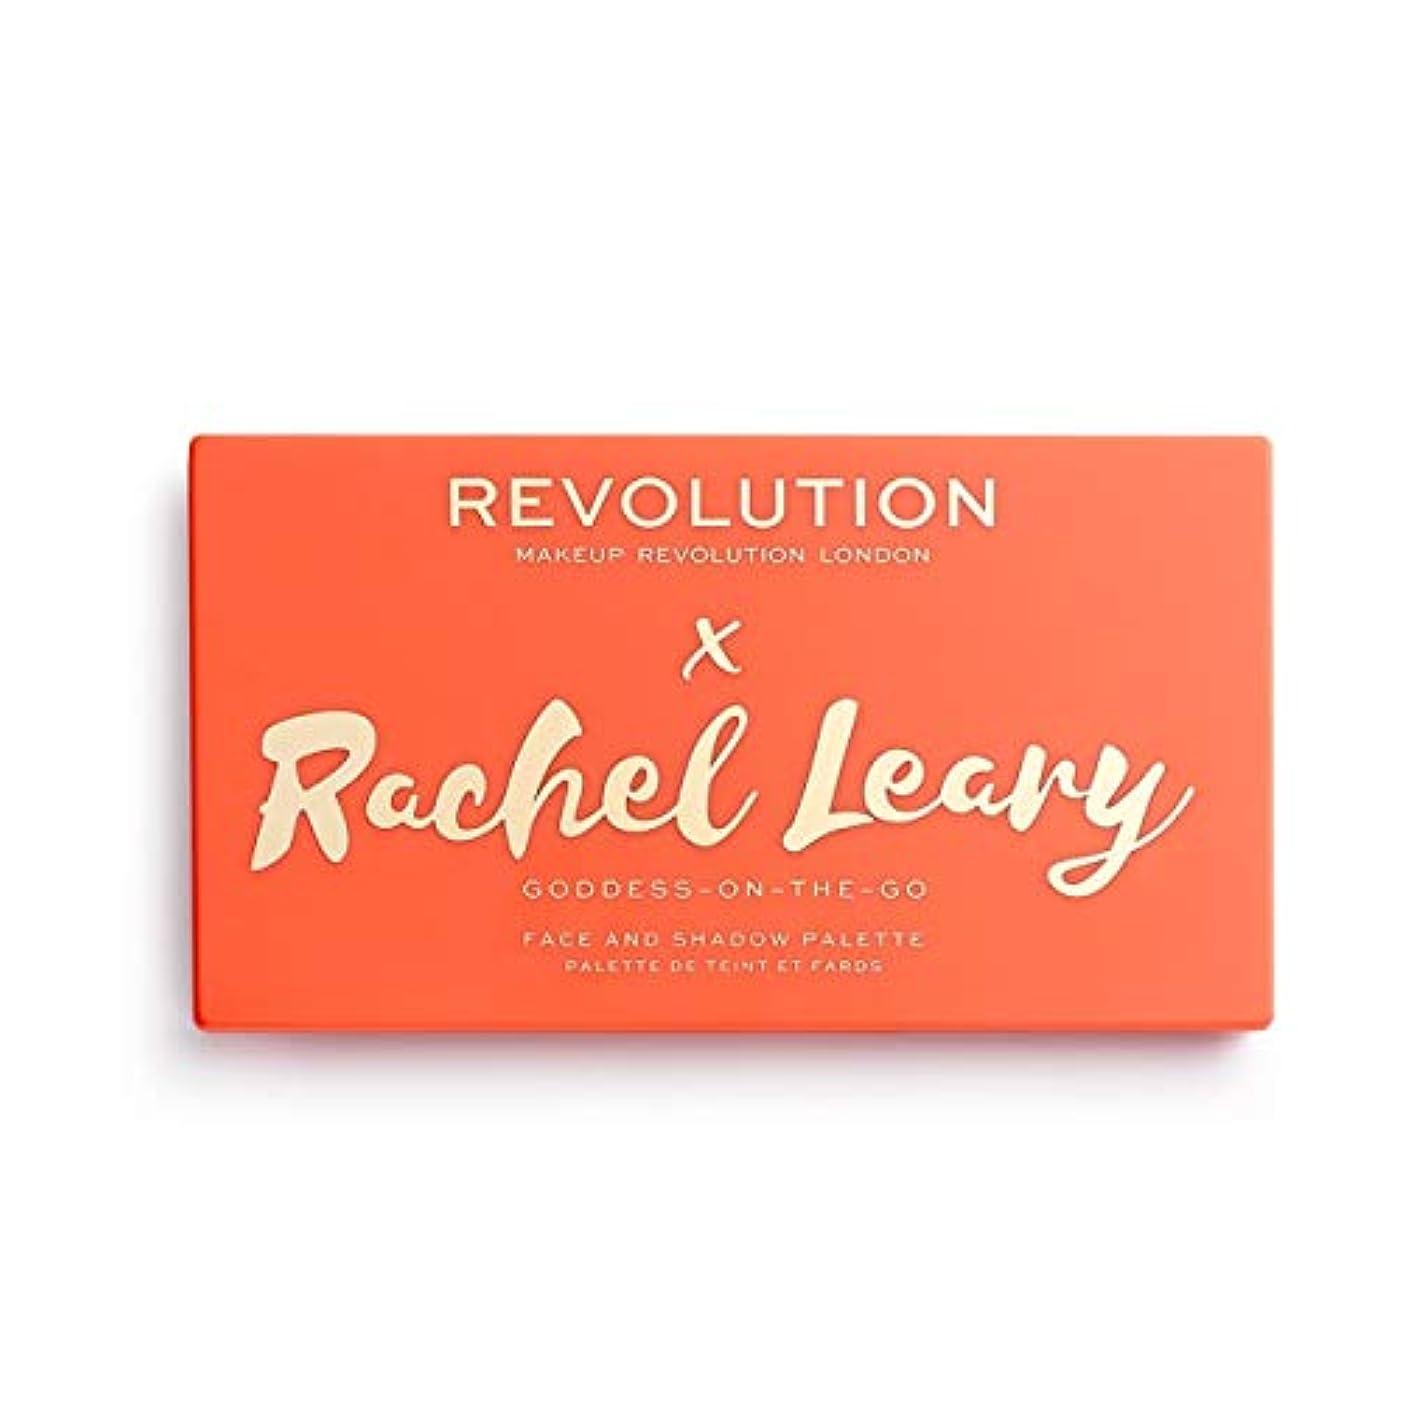 睡眠野ウサギ森林メイクアップレボリューション ORIGINAL Revolution x Rachel Leary Goddess On The Go Palette 13色アイシャドウパレット REVOLUTION